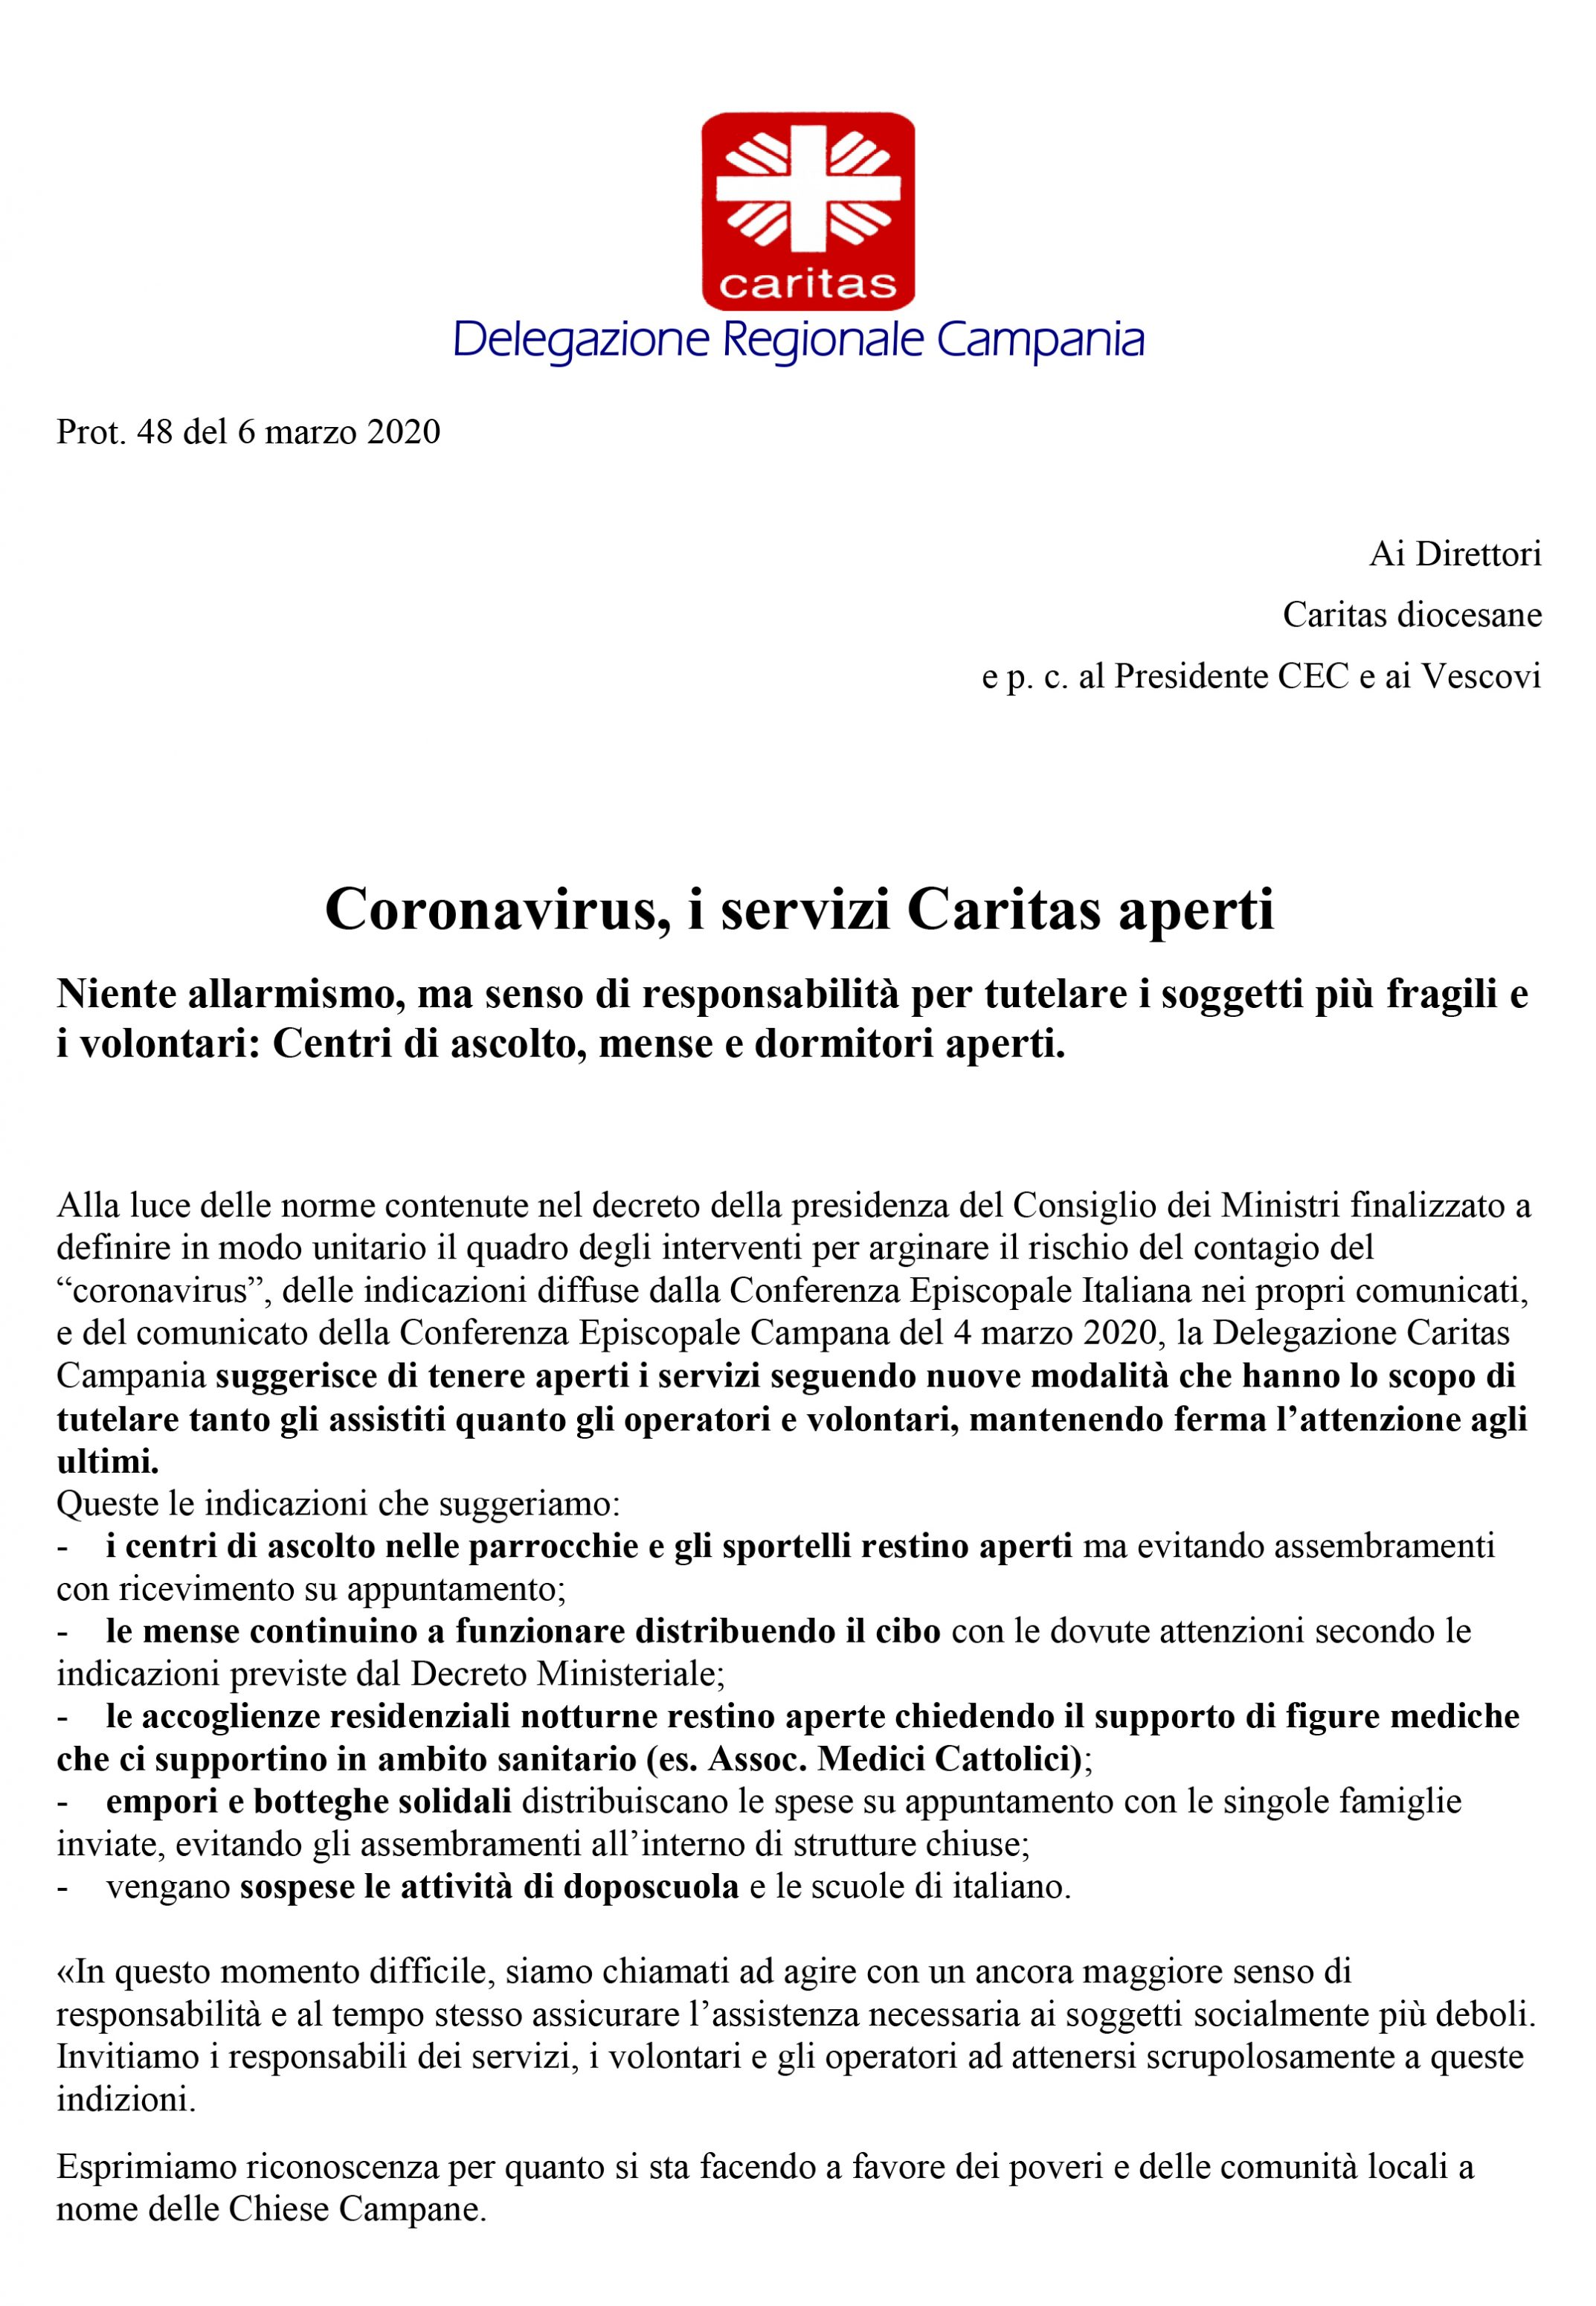 Delegazione Regionale Campania: i servizi Caritas aperti